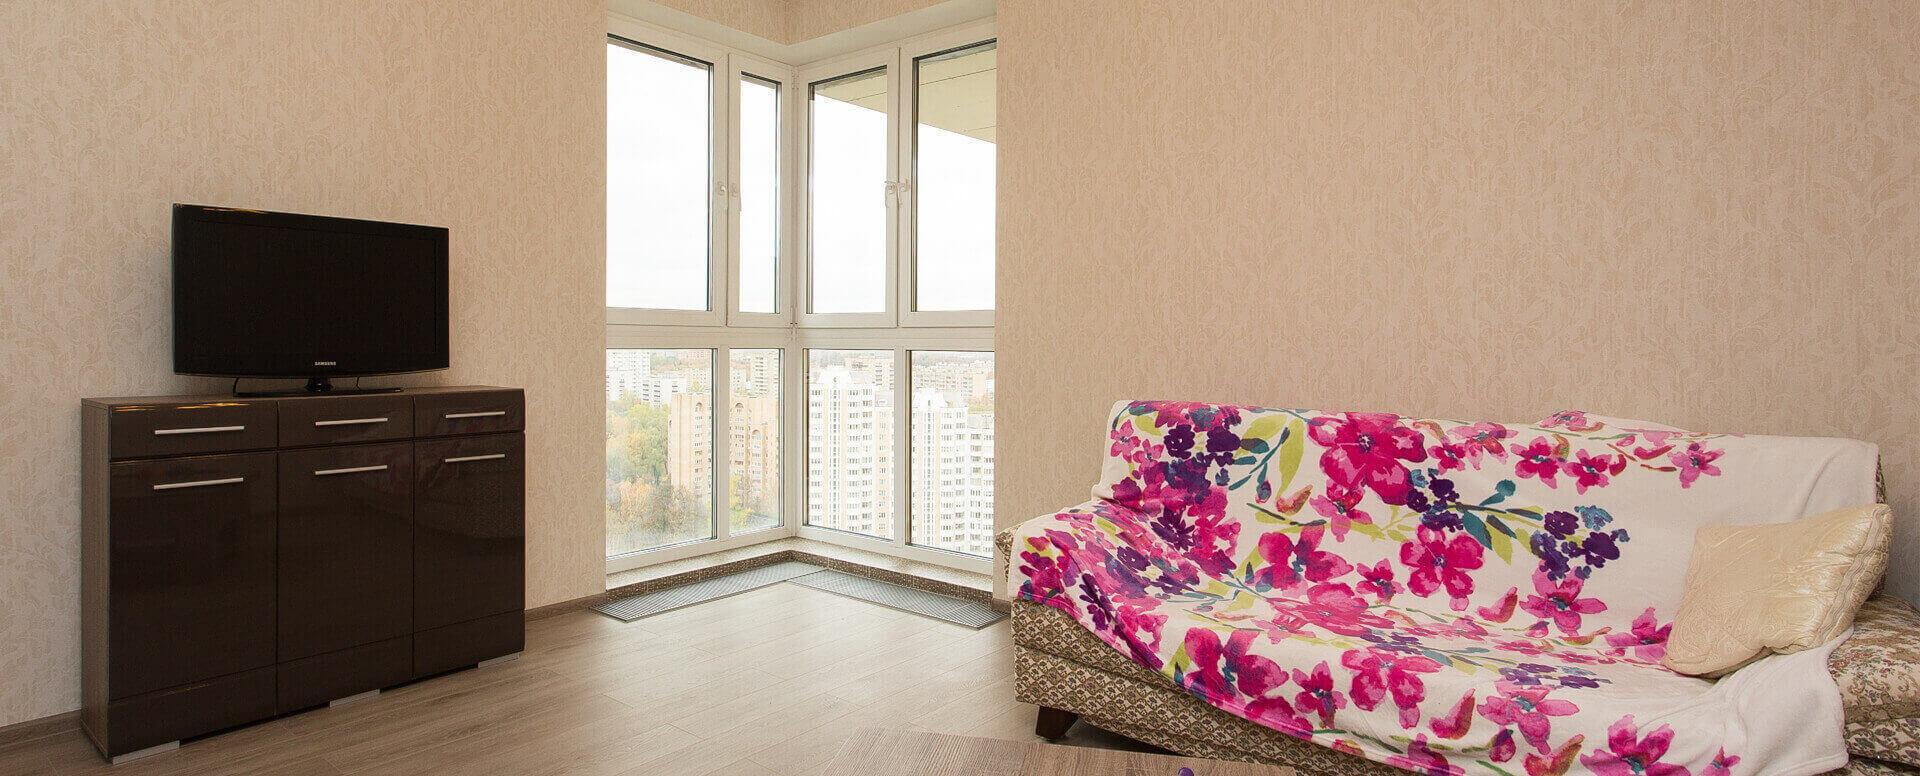 Ремонт 2-х комнатной квартиры в новостройке